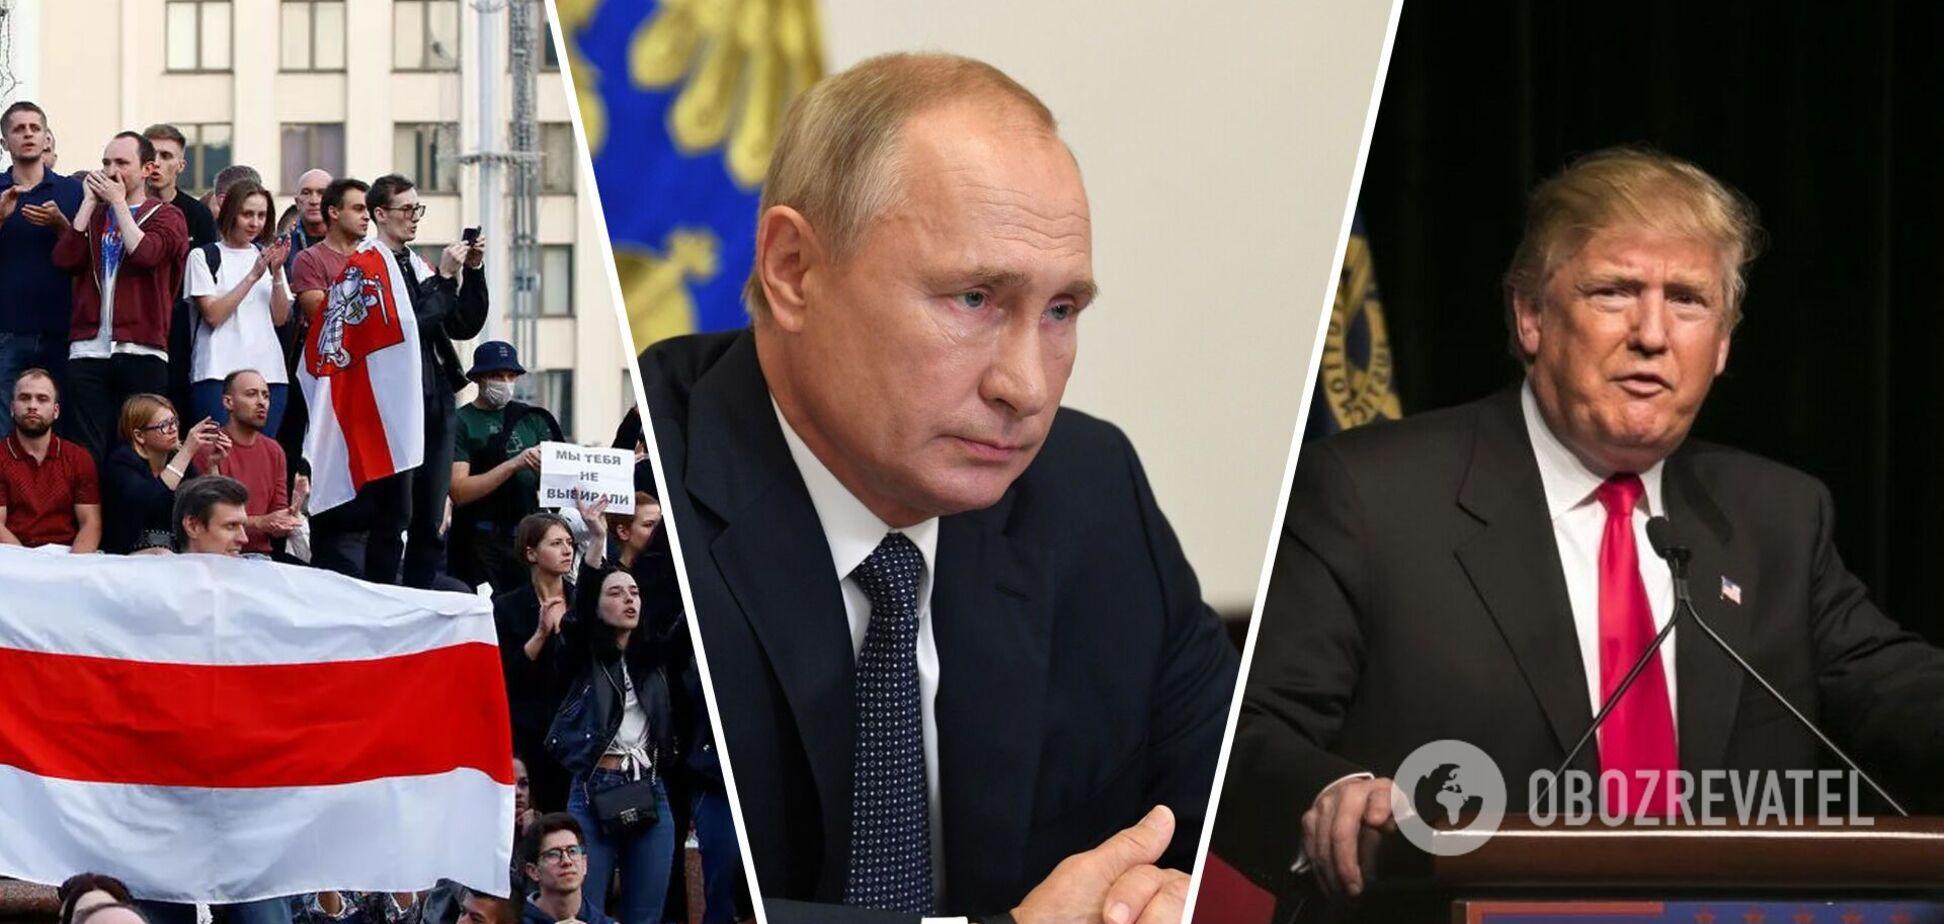 Каспаров: Россия теряет свое влияние, 2020 оказался крайне неудачным для Путина. Интервью